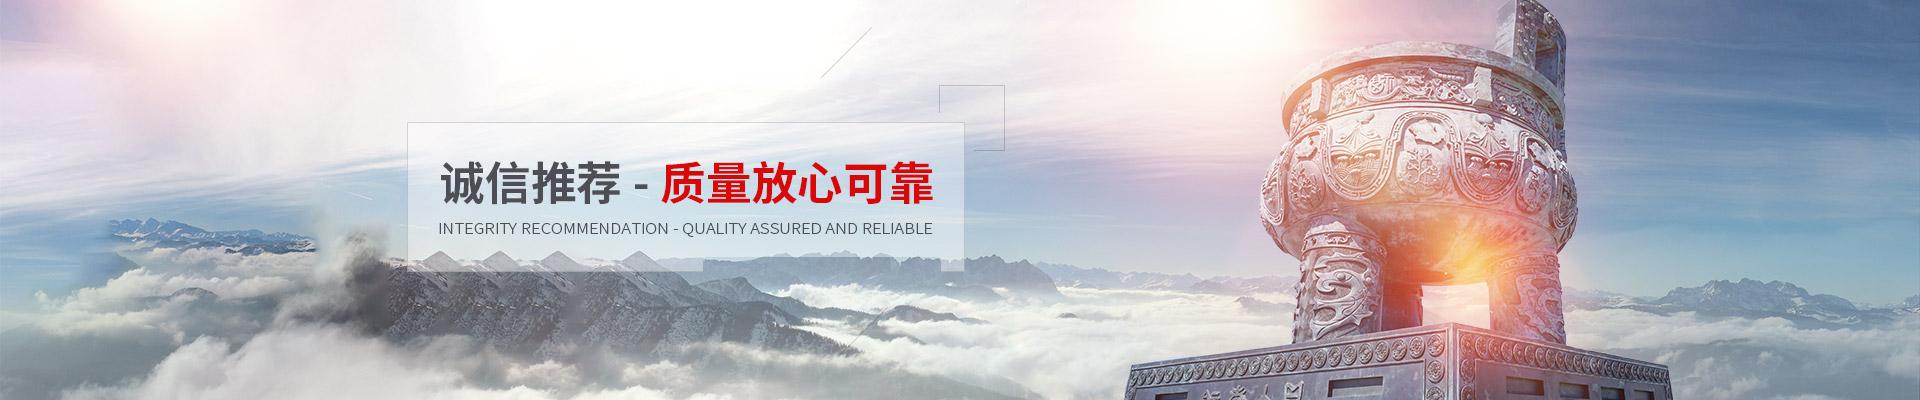 苏州多功能人工智能系统规范